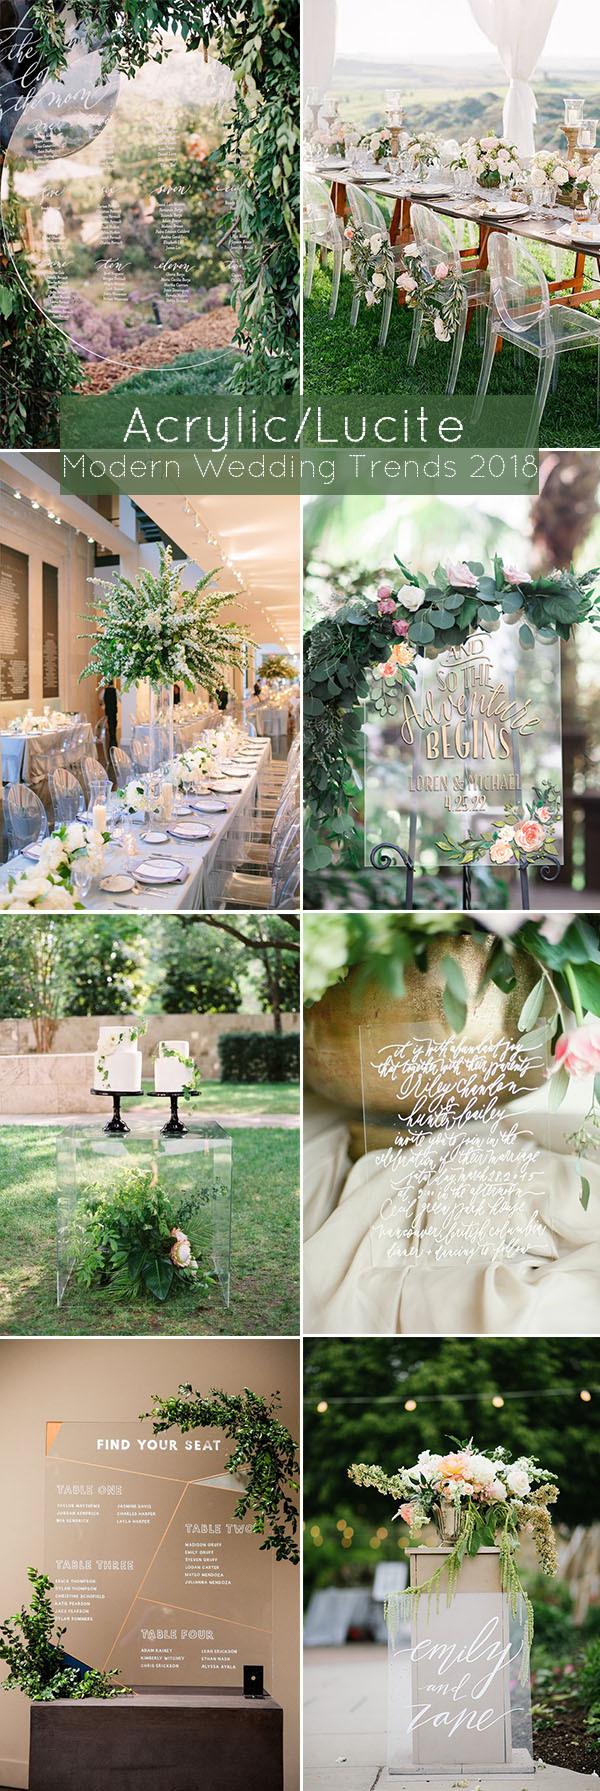 Xu hướng trang trí tiệc cưới với nhựa trong suốt